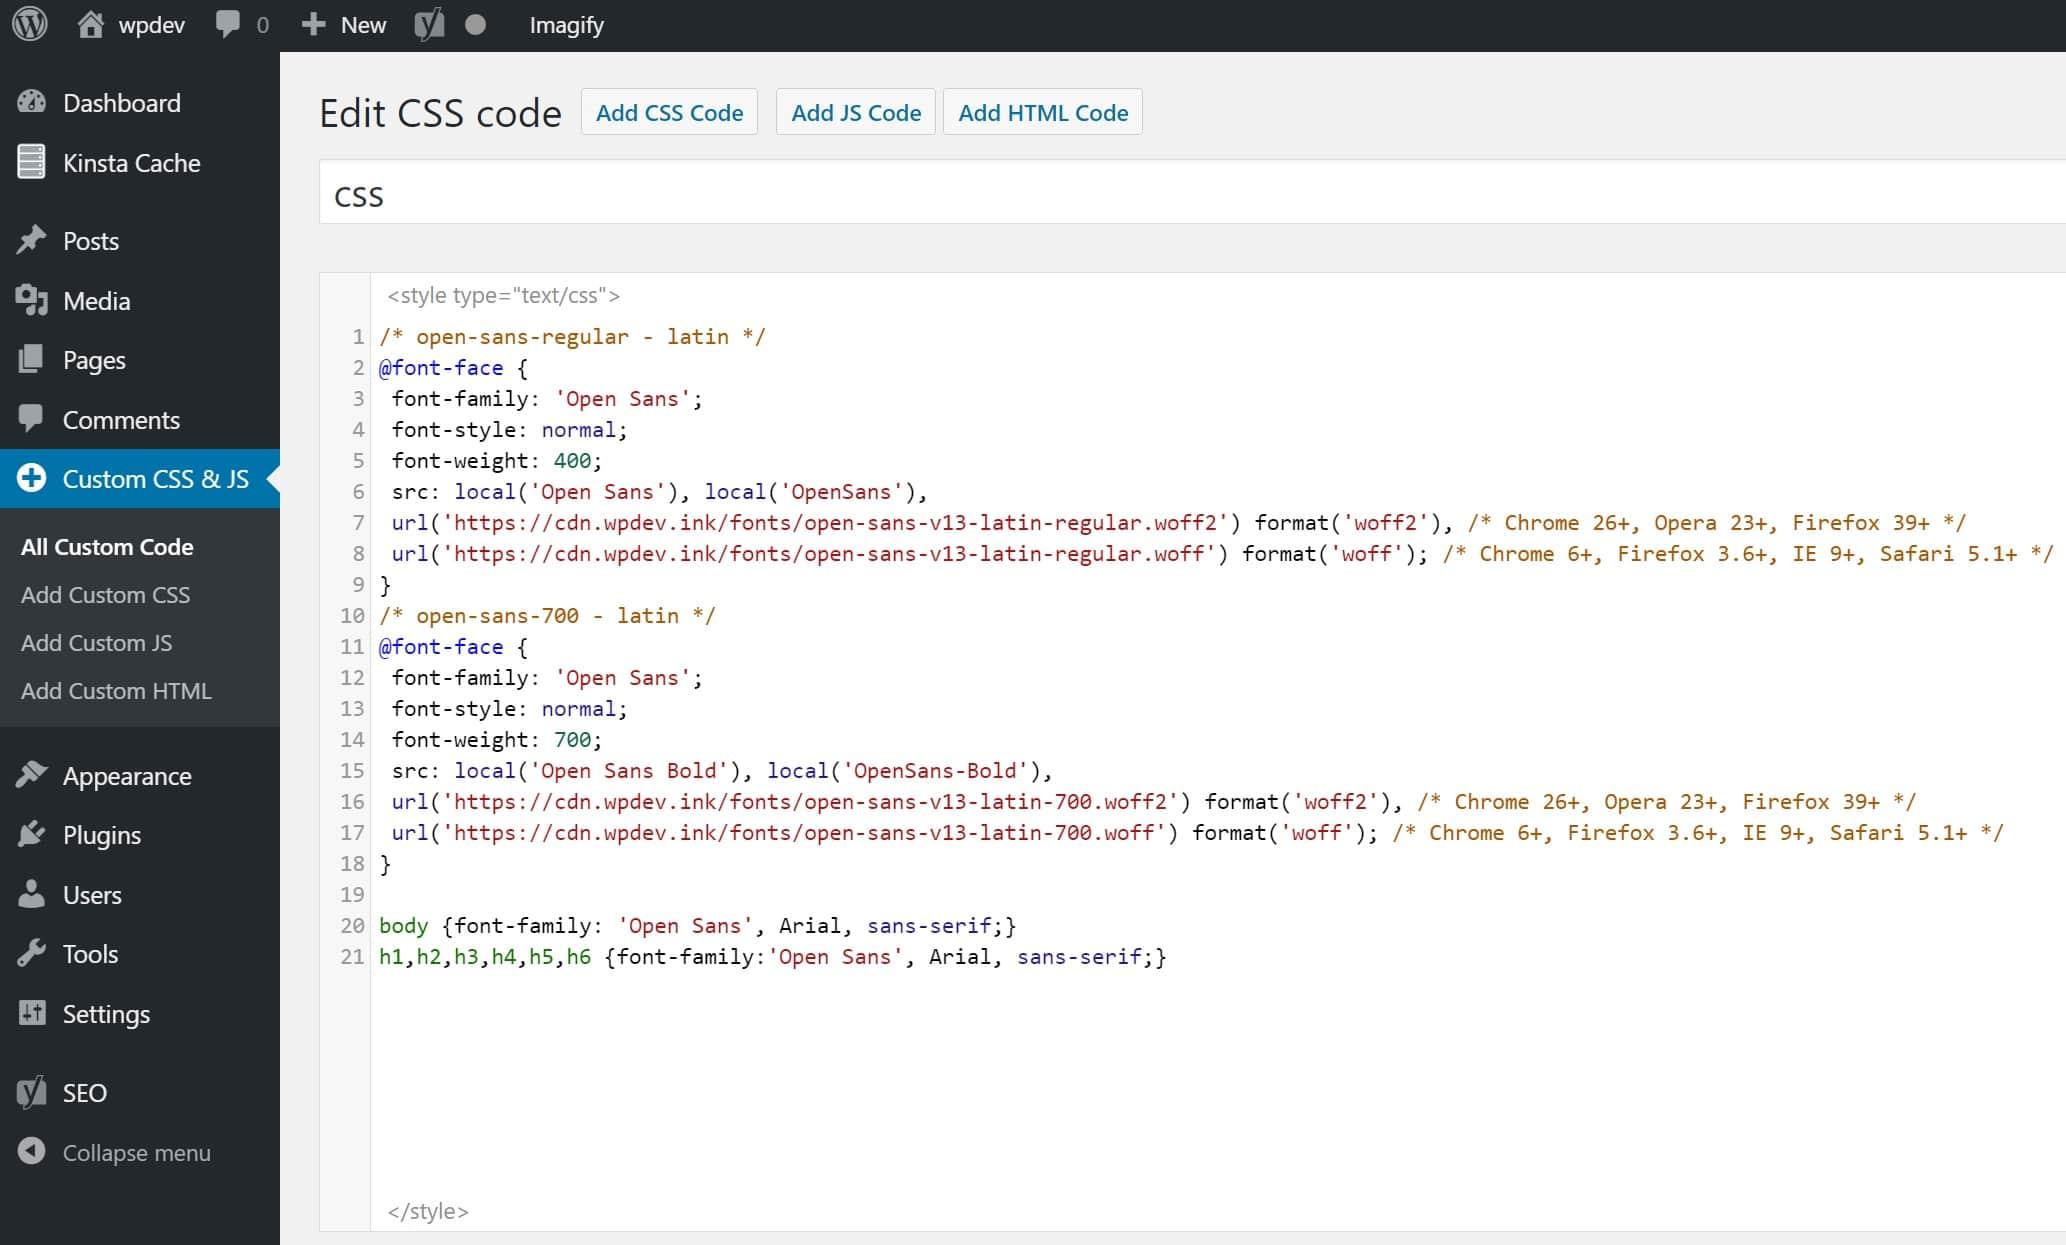 CSS pour les polices Open Sans